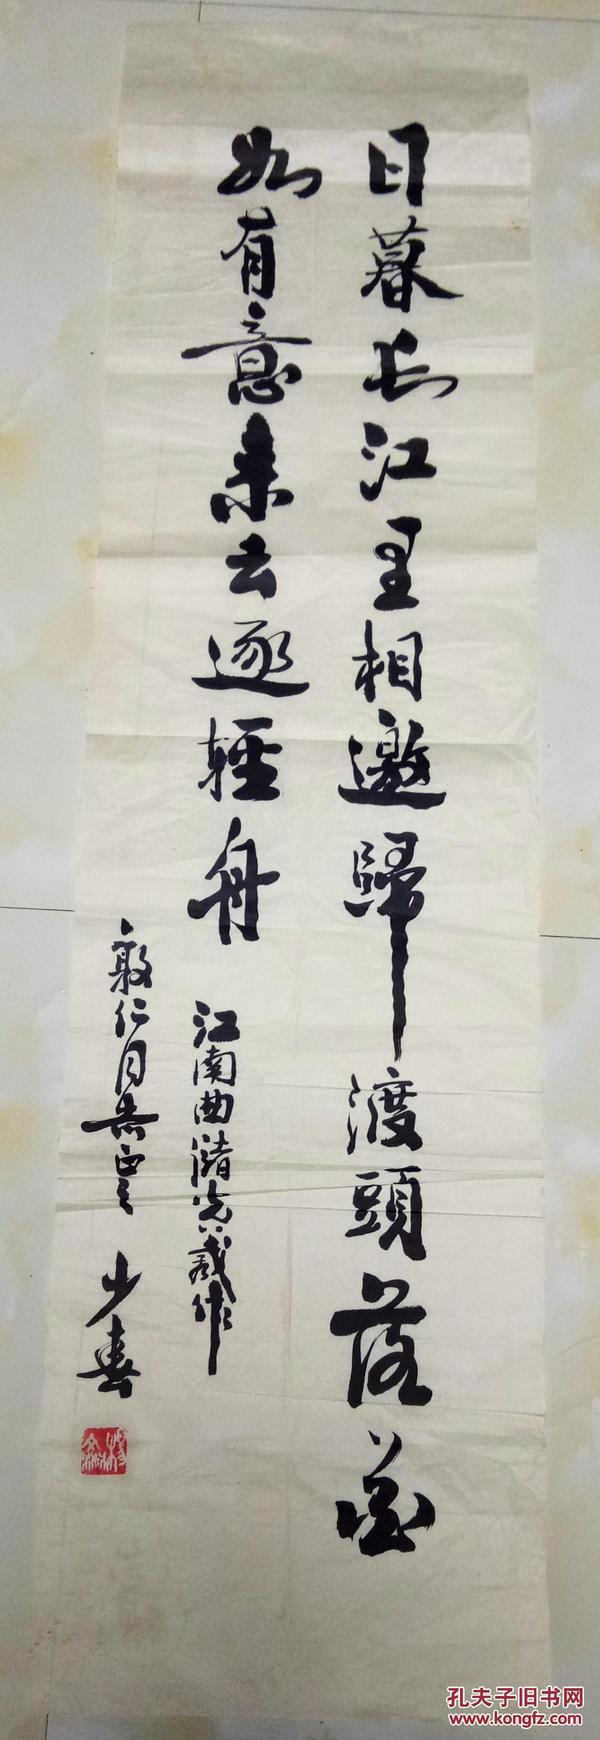 京剧名家杨少春书法  行书条幅      【133×43厘米】